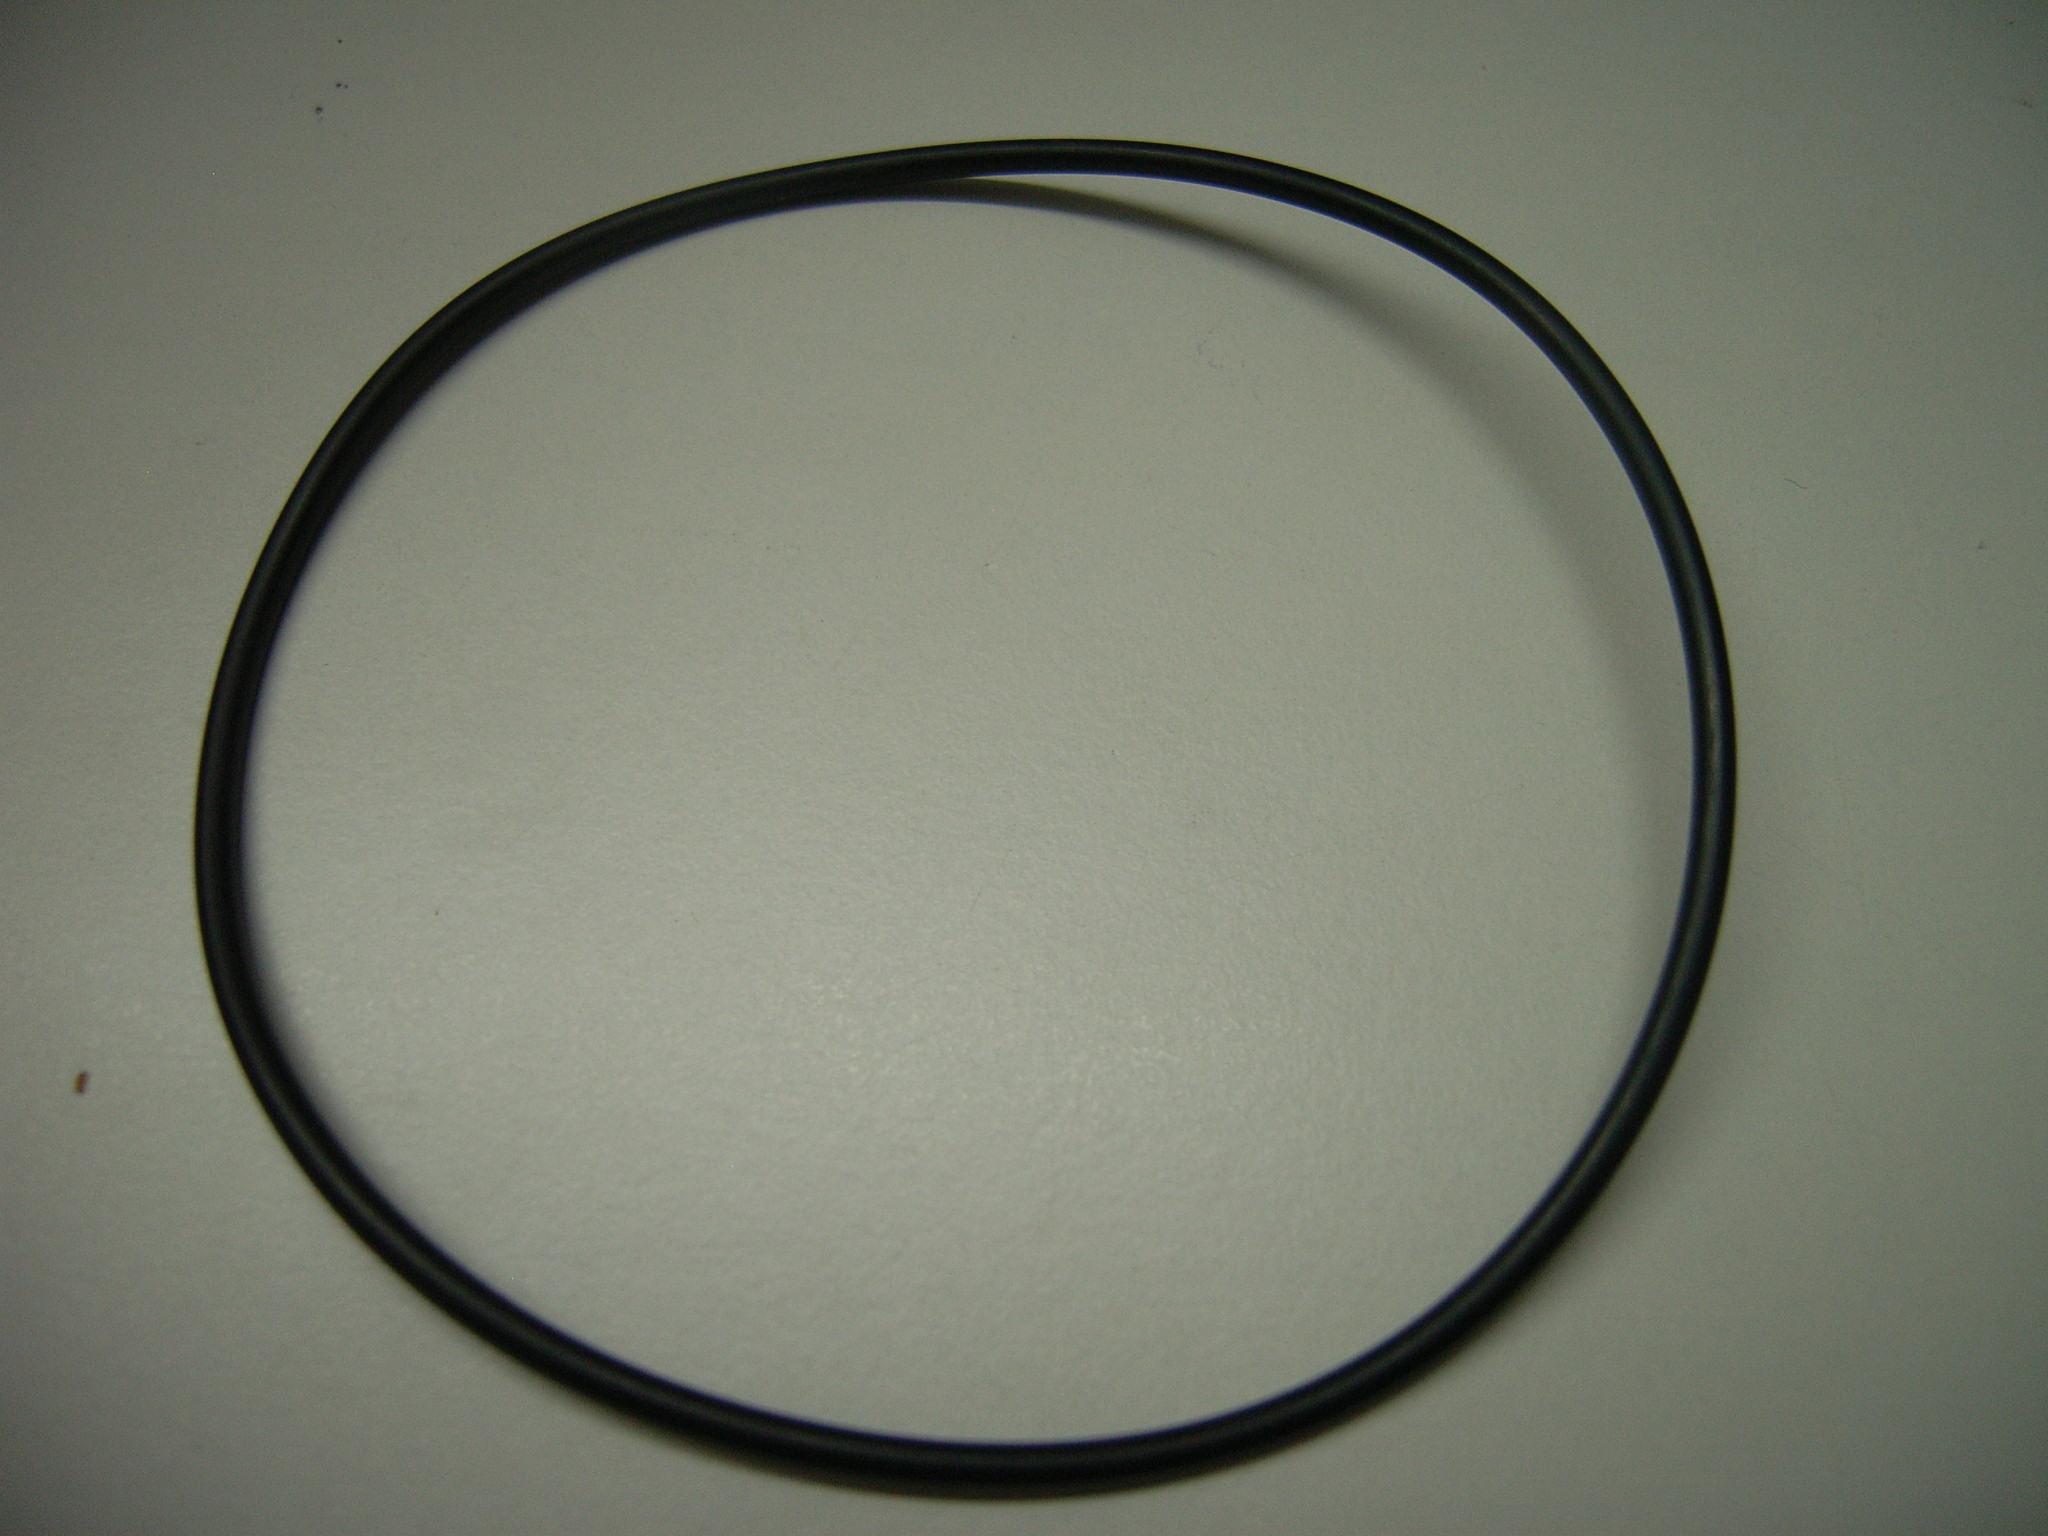 Ersatz O-Ring für SiTech Glove Lock